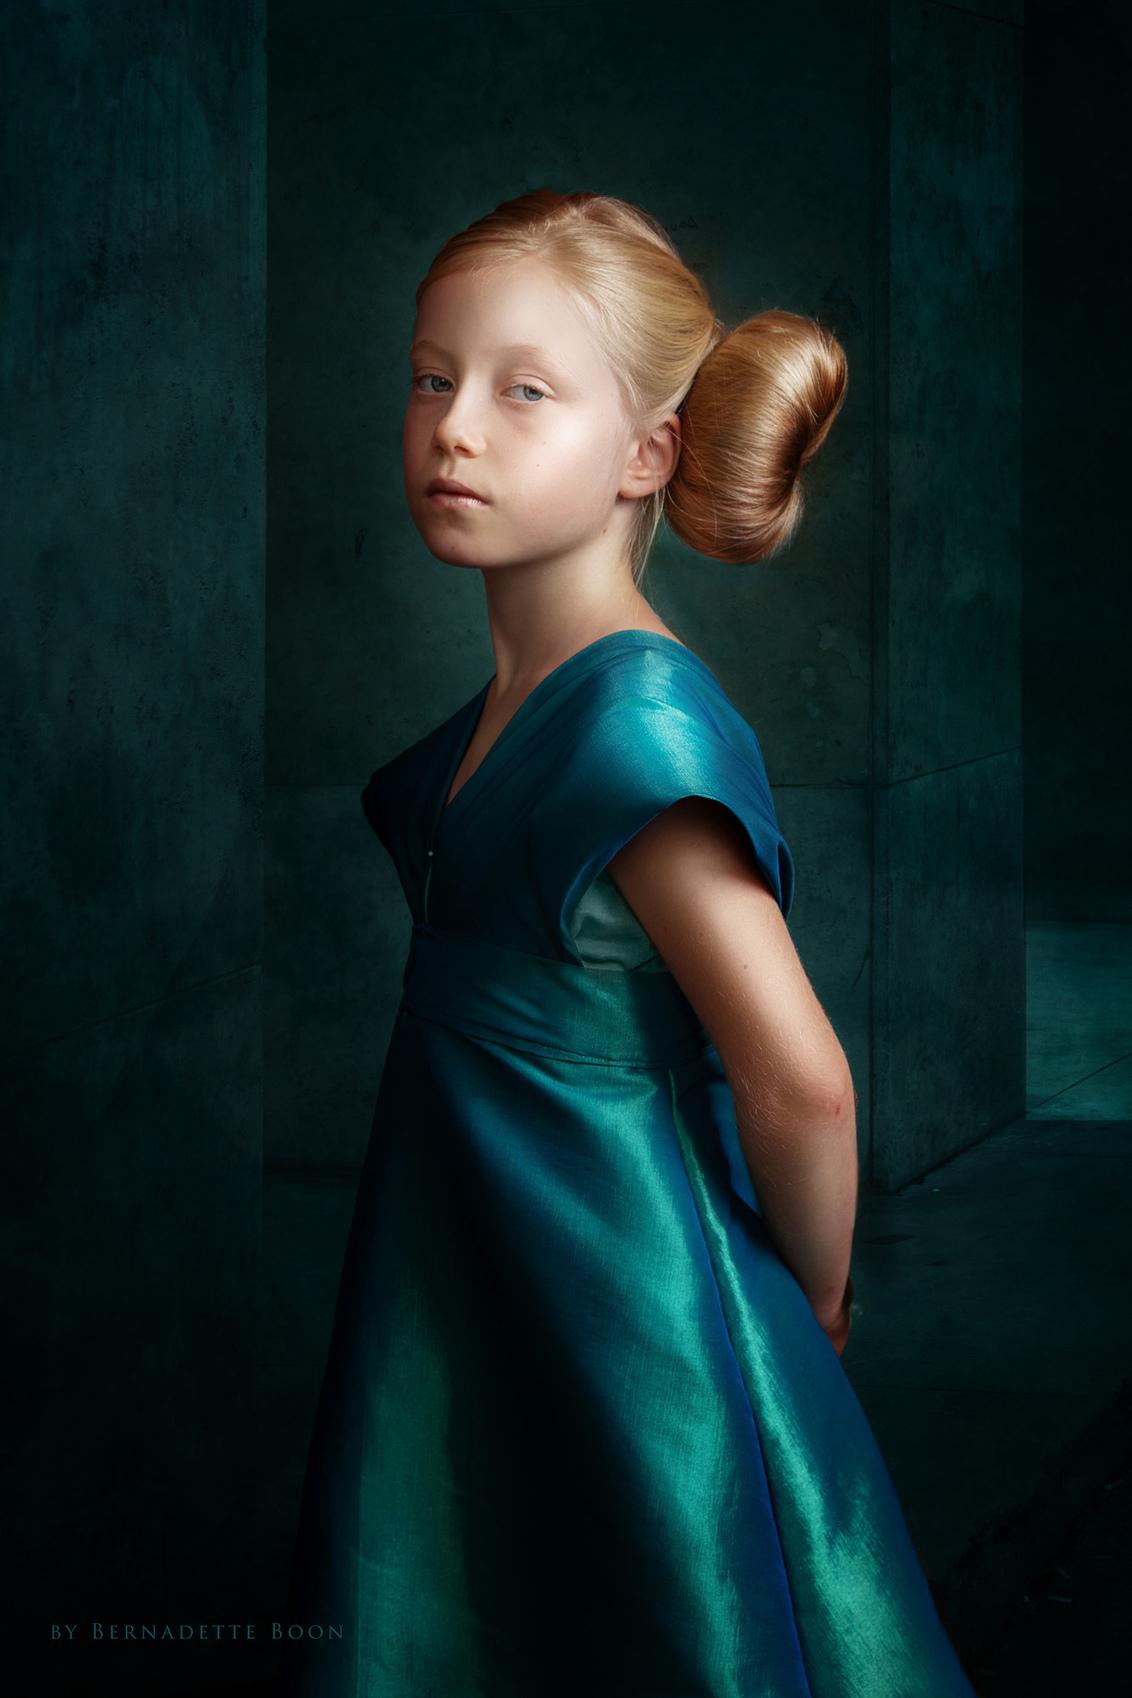 Mikki - Mikki - foto door bernadetteboon op 08-08-2019 - deze foto bevat: blauw, golden, blue, art, schilderij, girl, blond, child, age, fine, painting, fineart, Gouden Eeuw, golden age